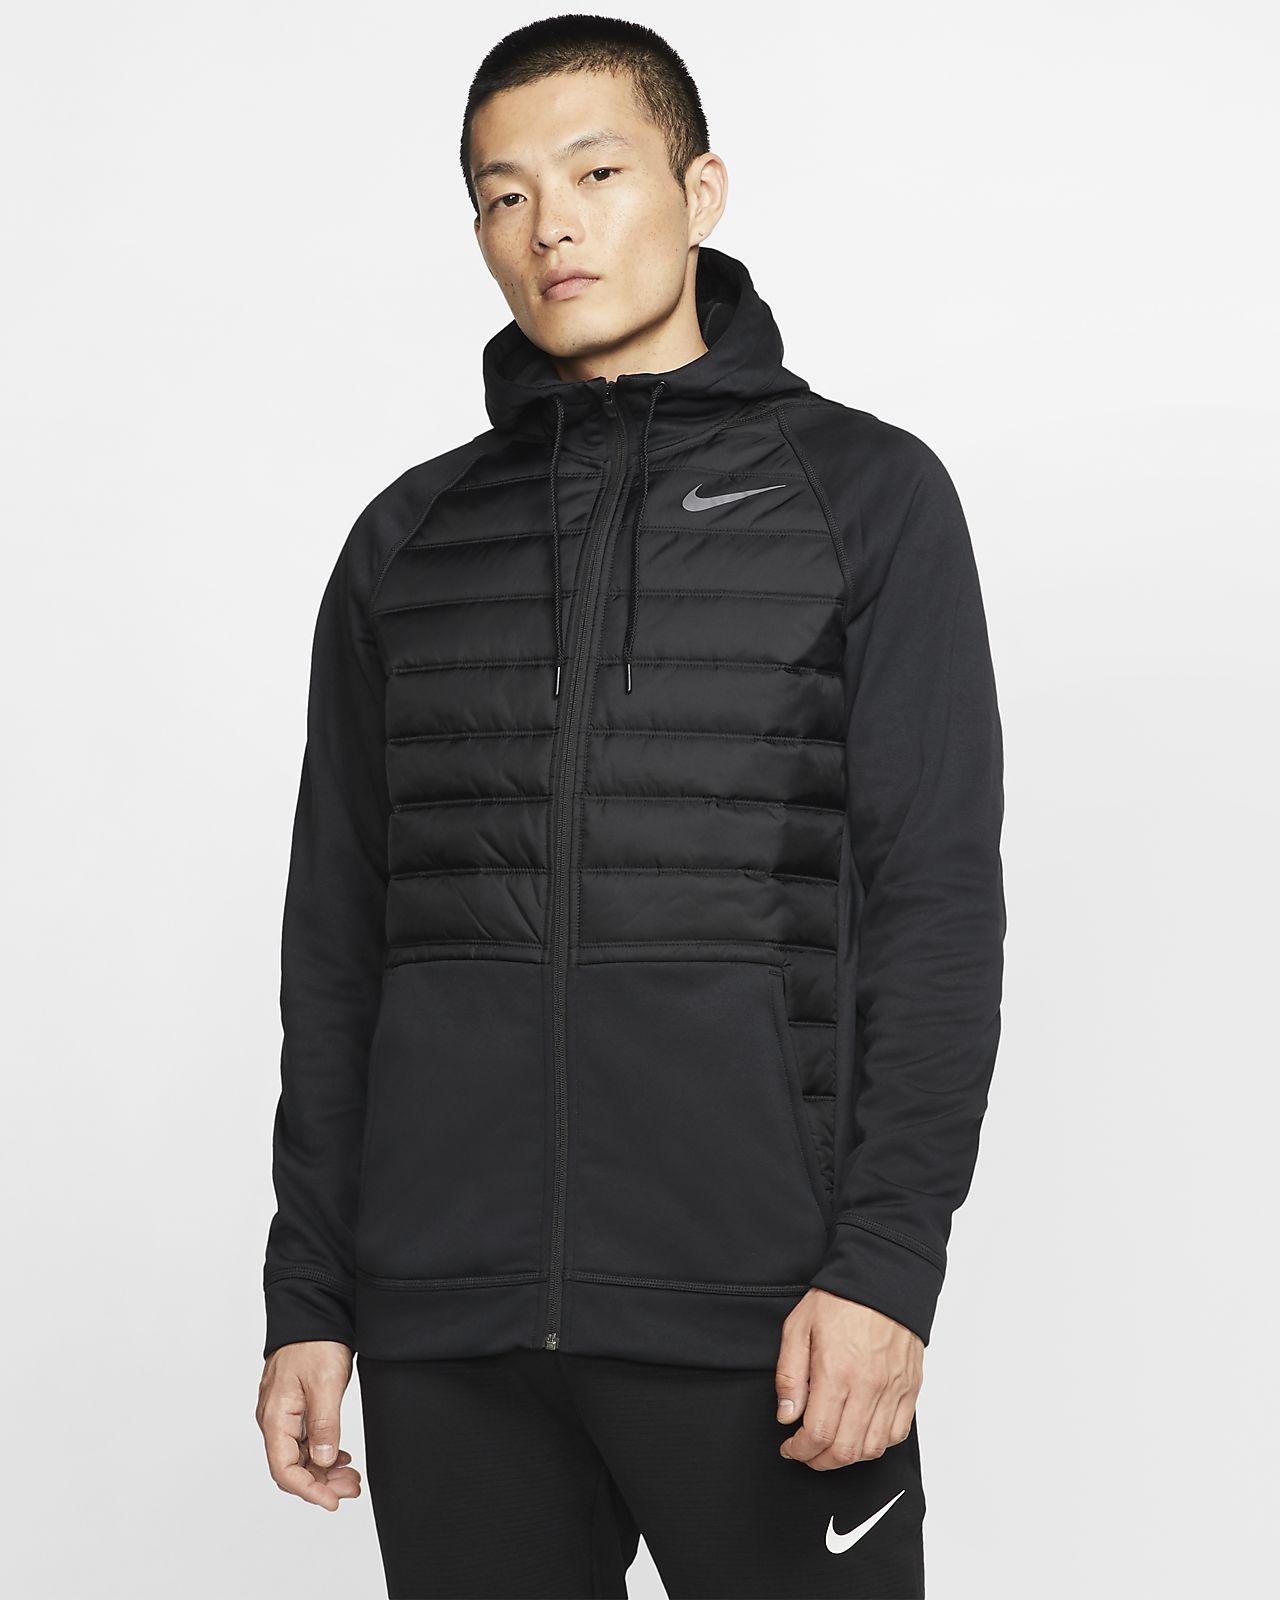 Nike Therma winterfester Trainings-Hoodie mit durchgehendem Reißverschluss für Herren